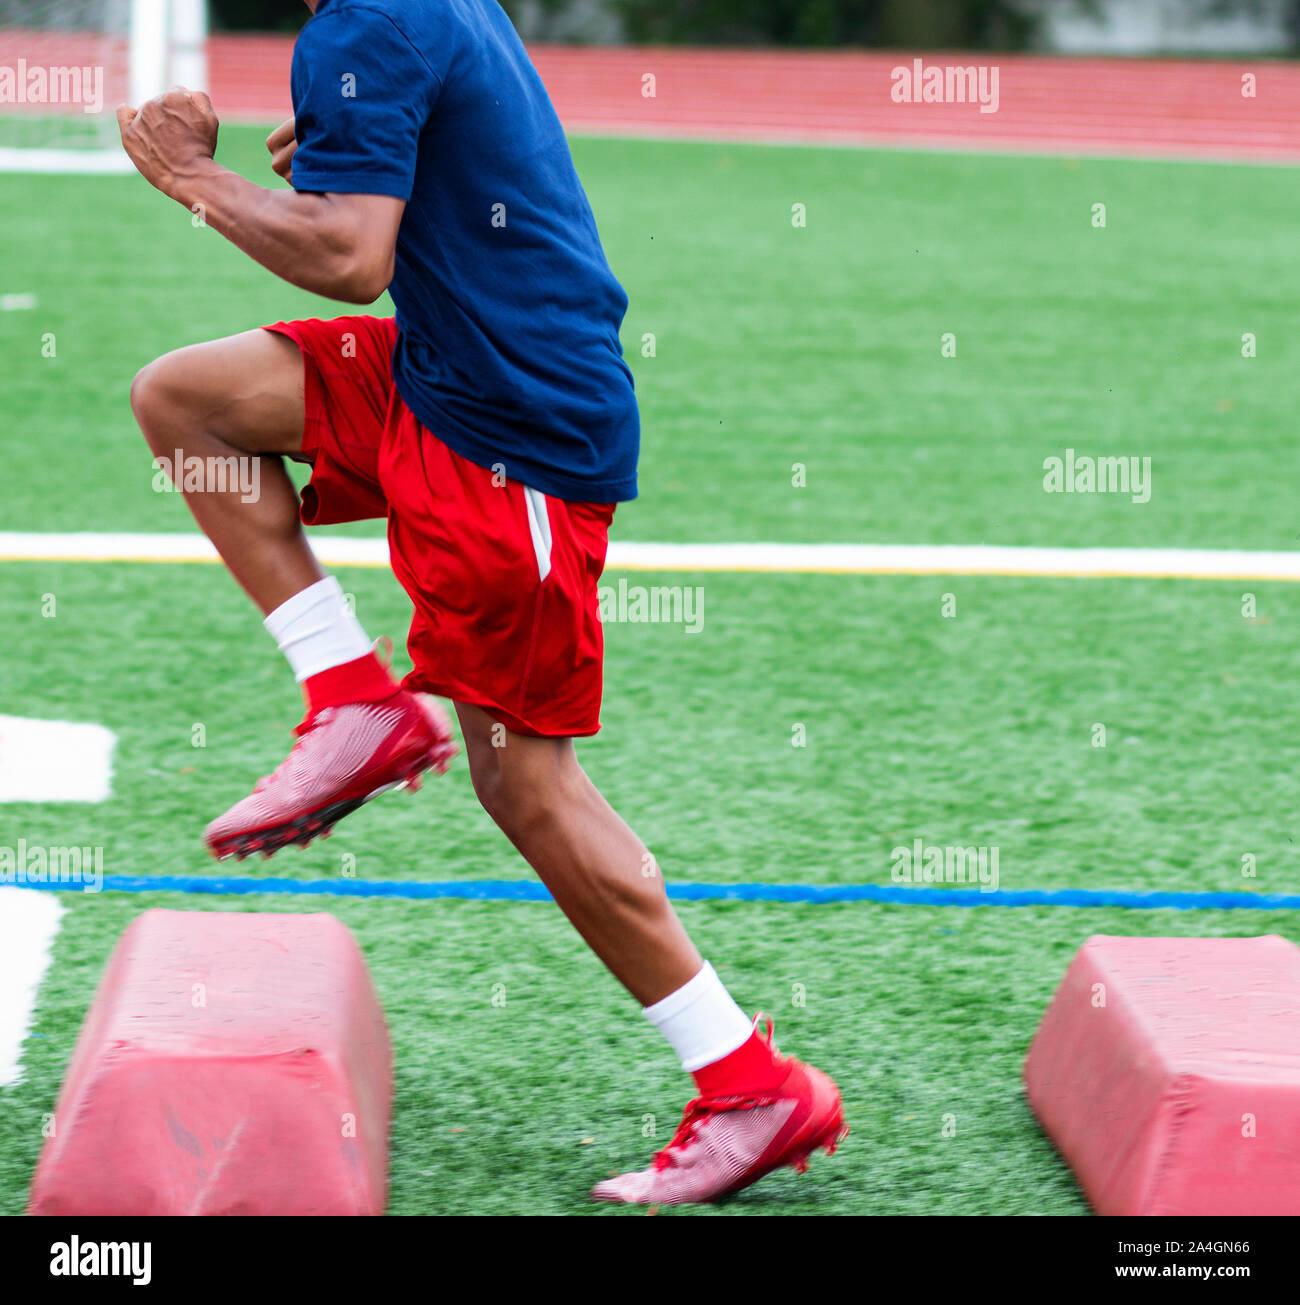 Un Afroamericano jugador de fútbol americano a nivel high school está ejecutándose sobre barreras rojas durante el campamento de verano de la práctica. Foto de stock